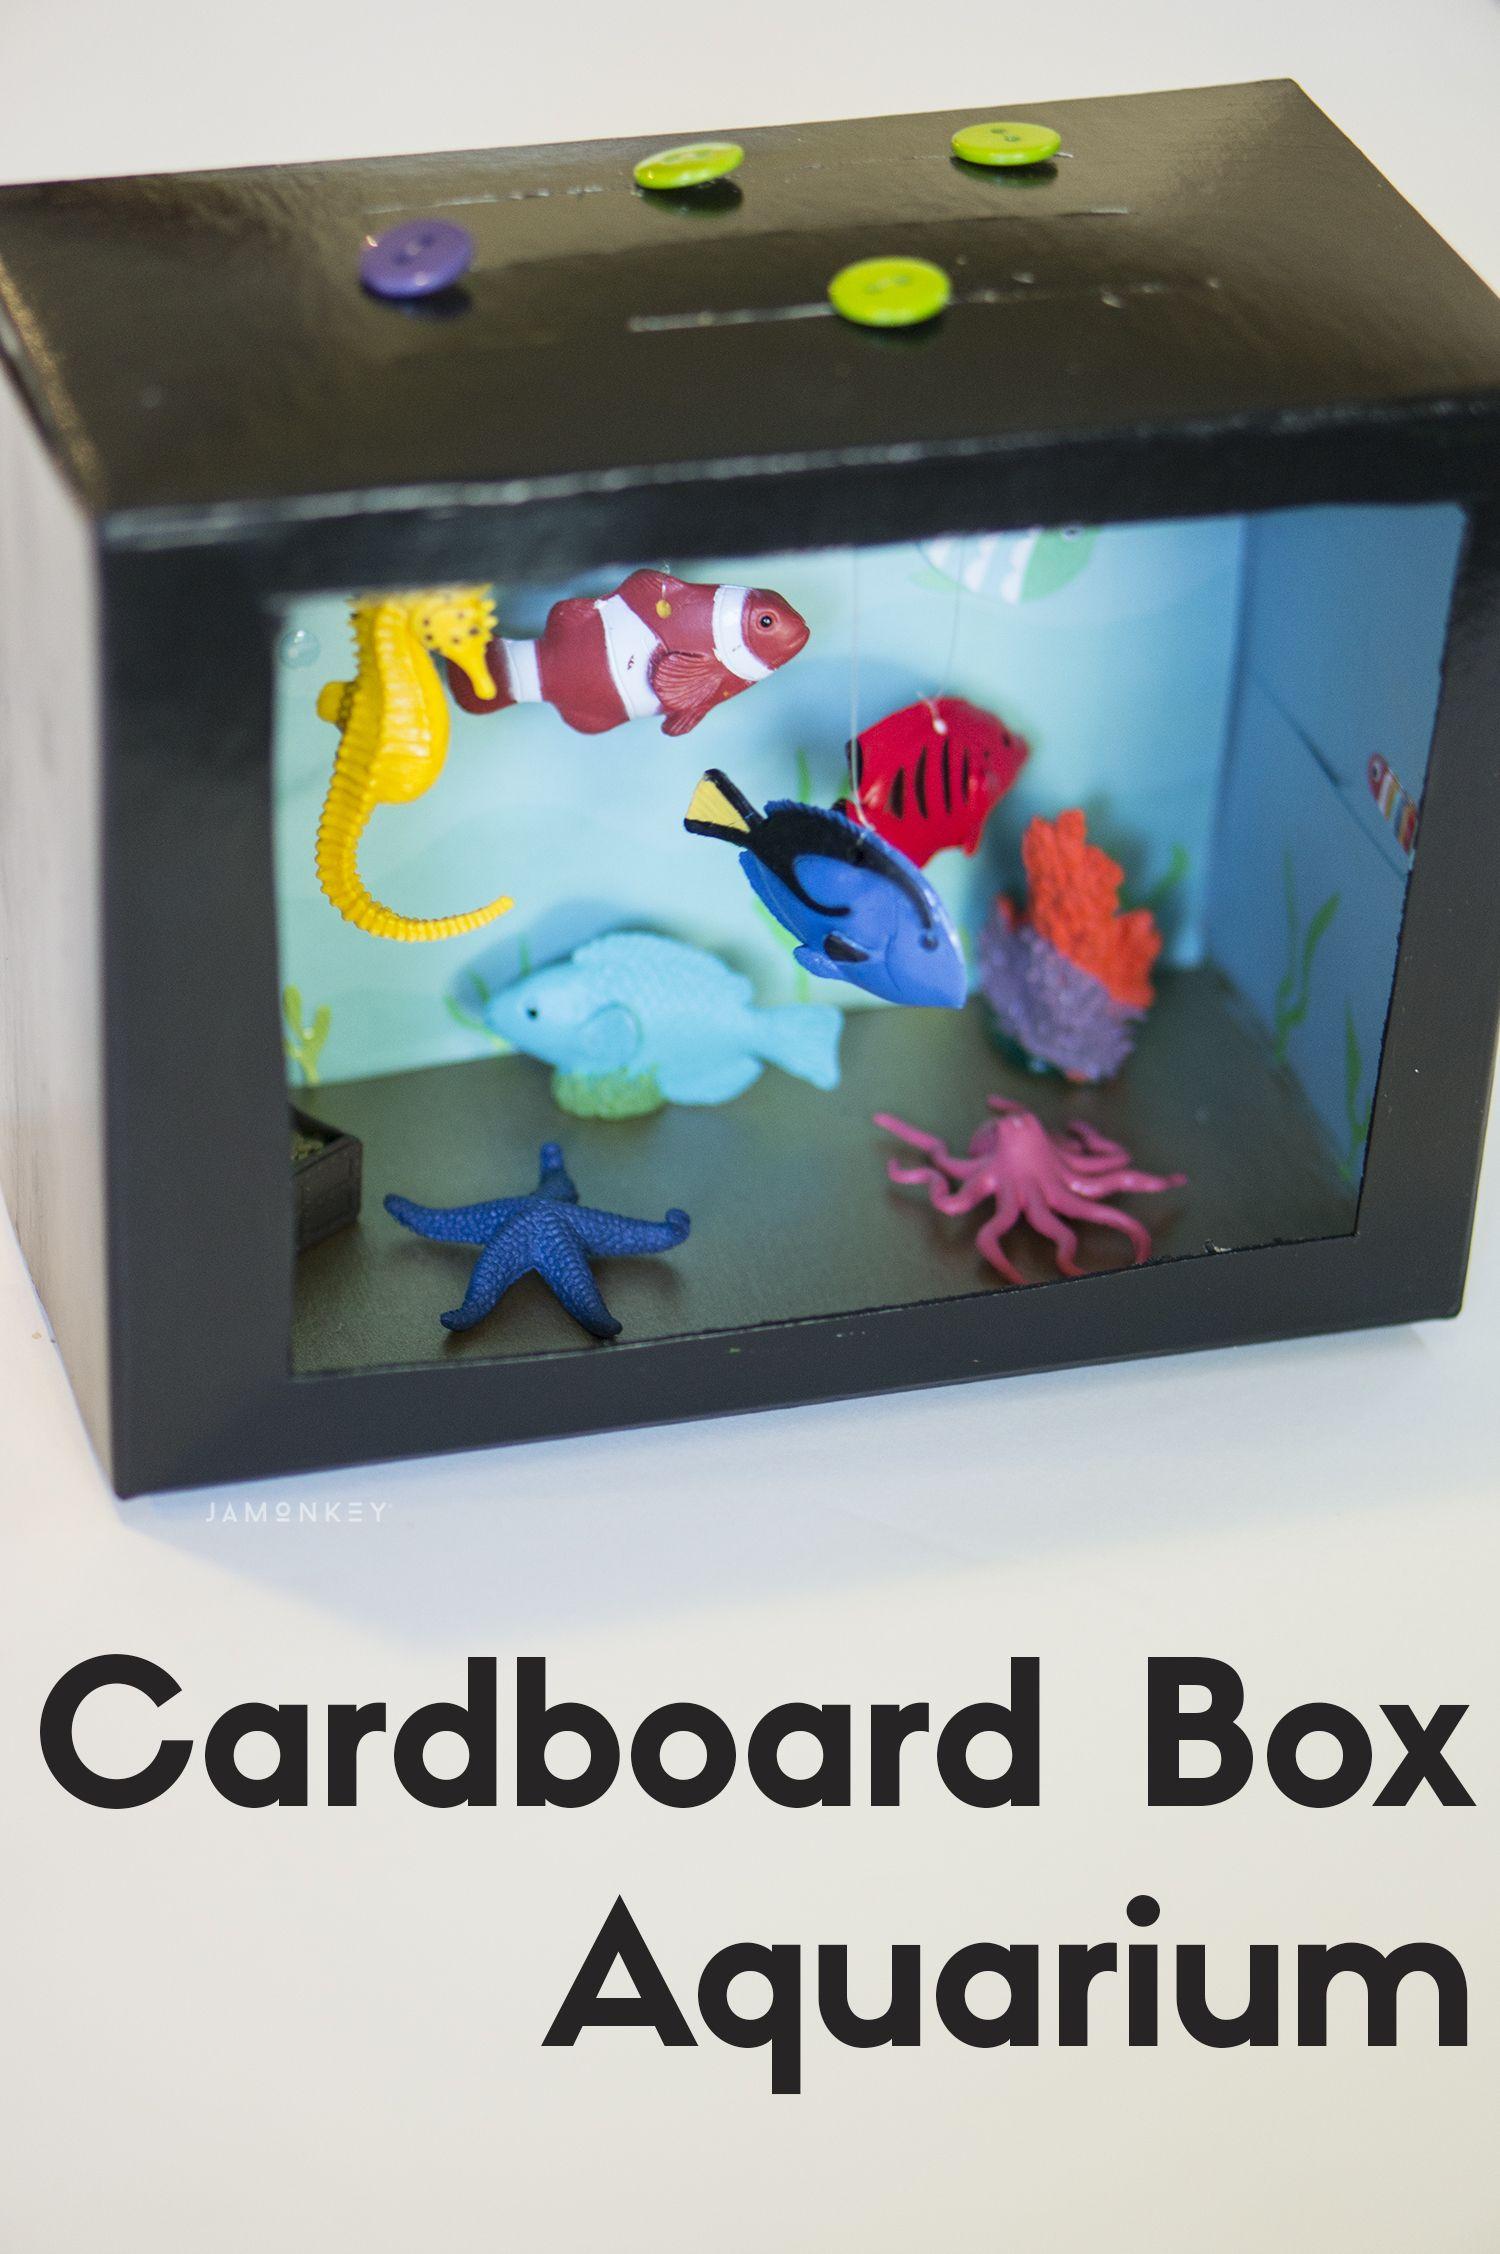 Project for kids Cardboard Box Aquarium